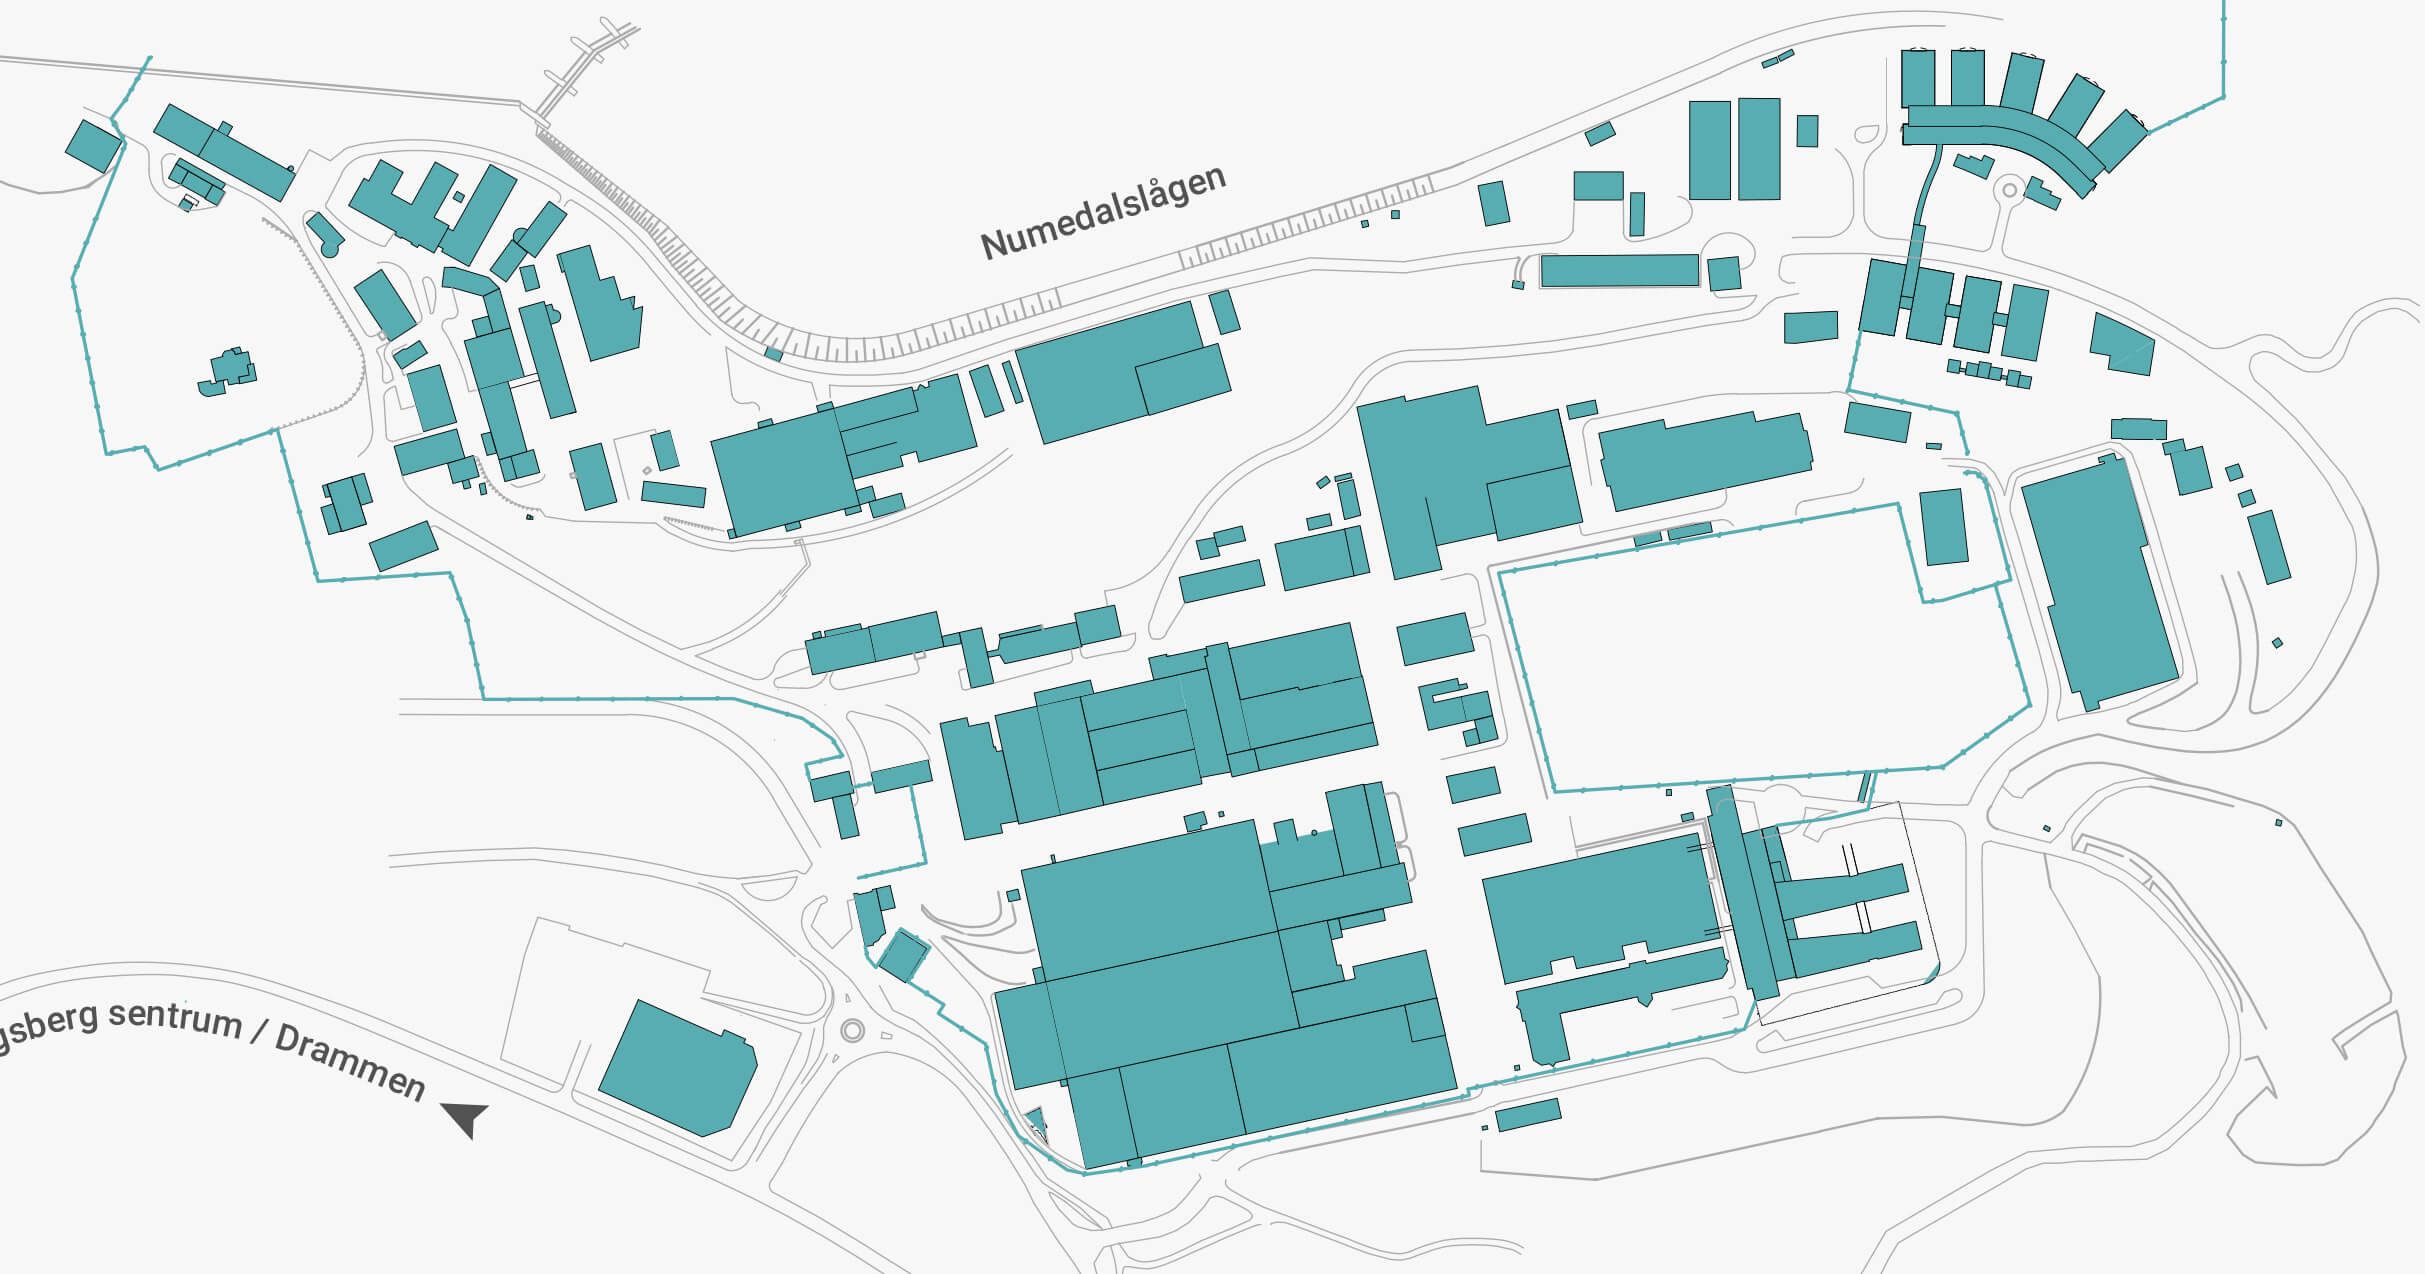 kongsberg teknologipark kart Kontakt Kongsberg Teknologipark kongsberg teknologipark kart